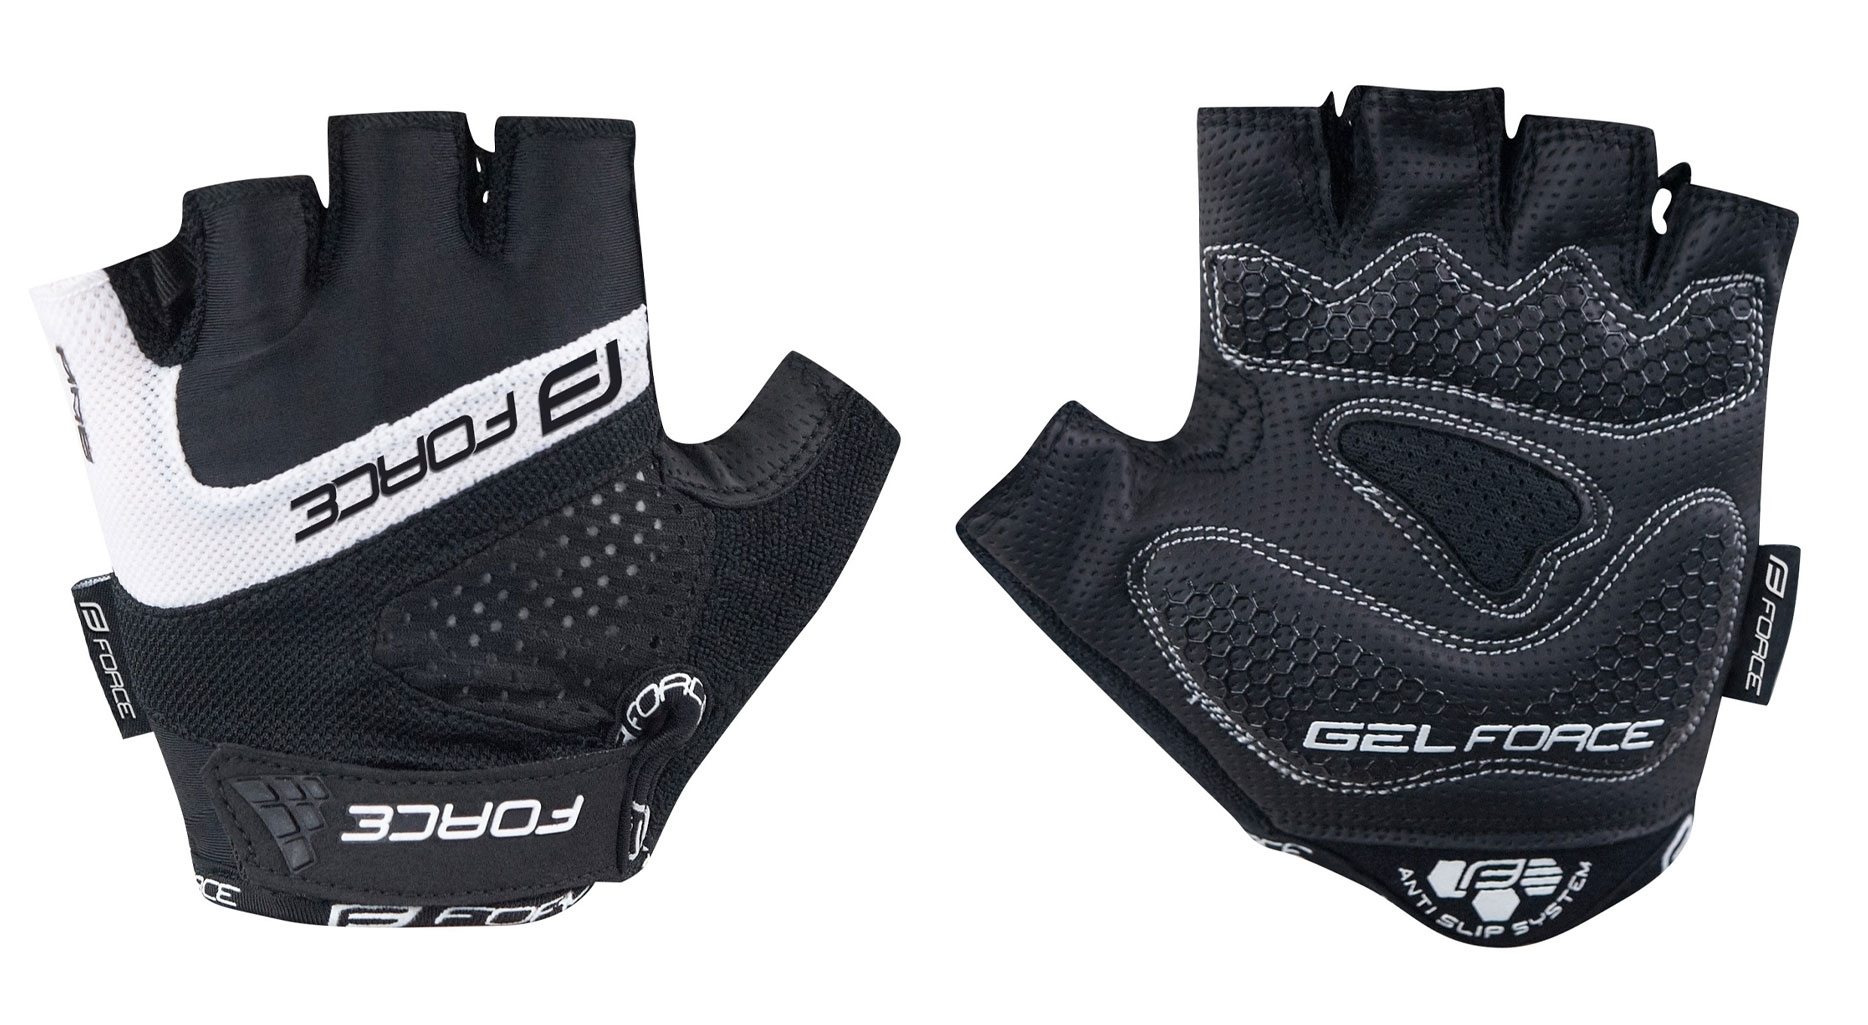 rukavice FORCE RAB gel, černé S